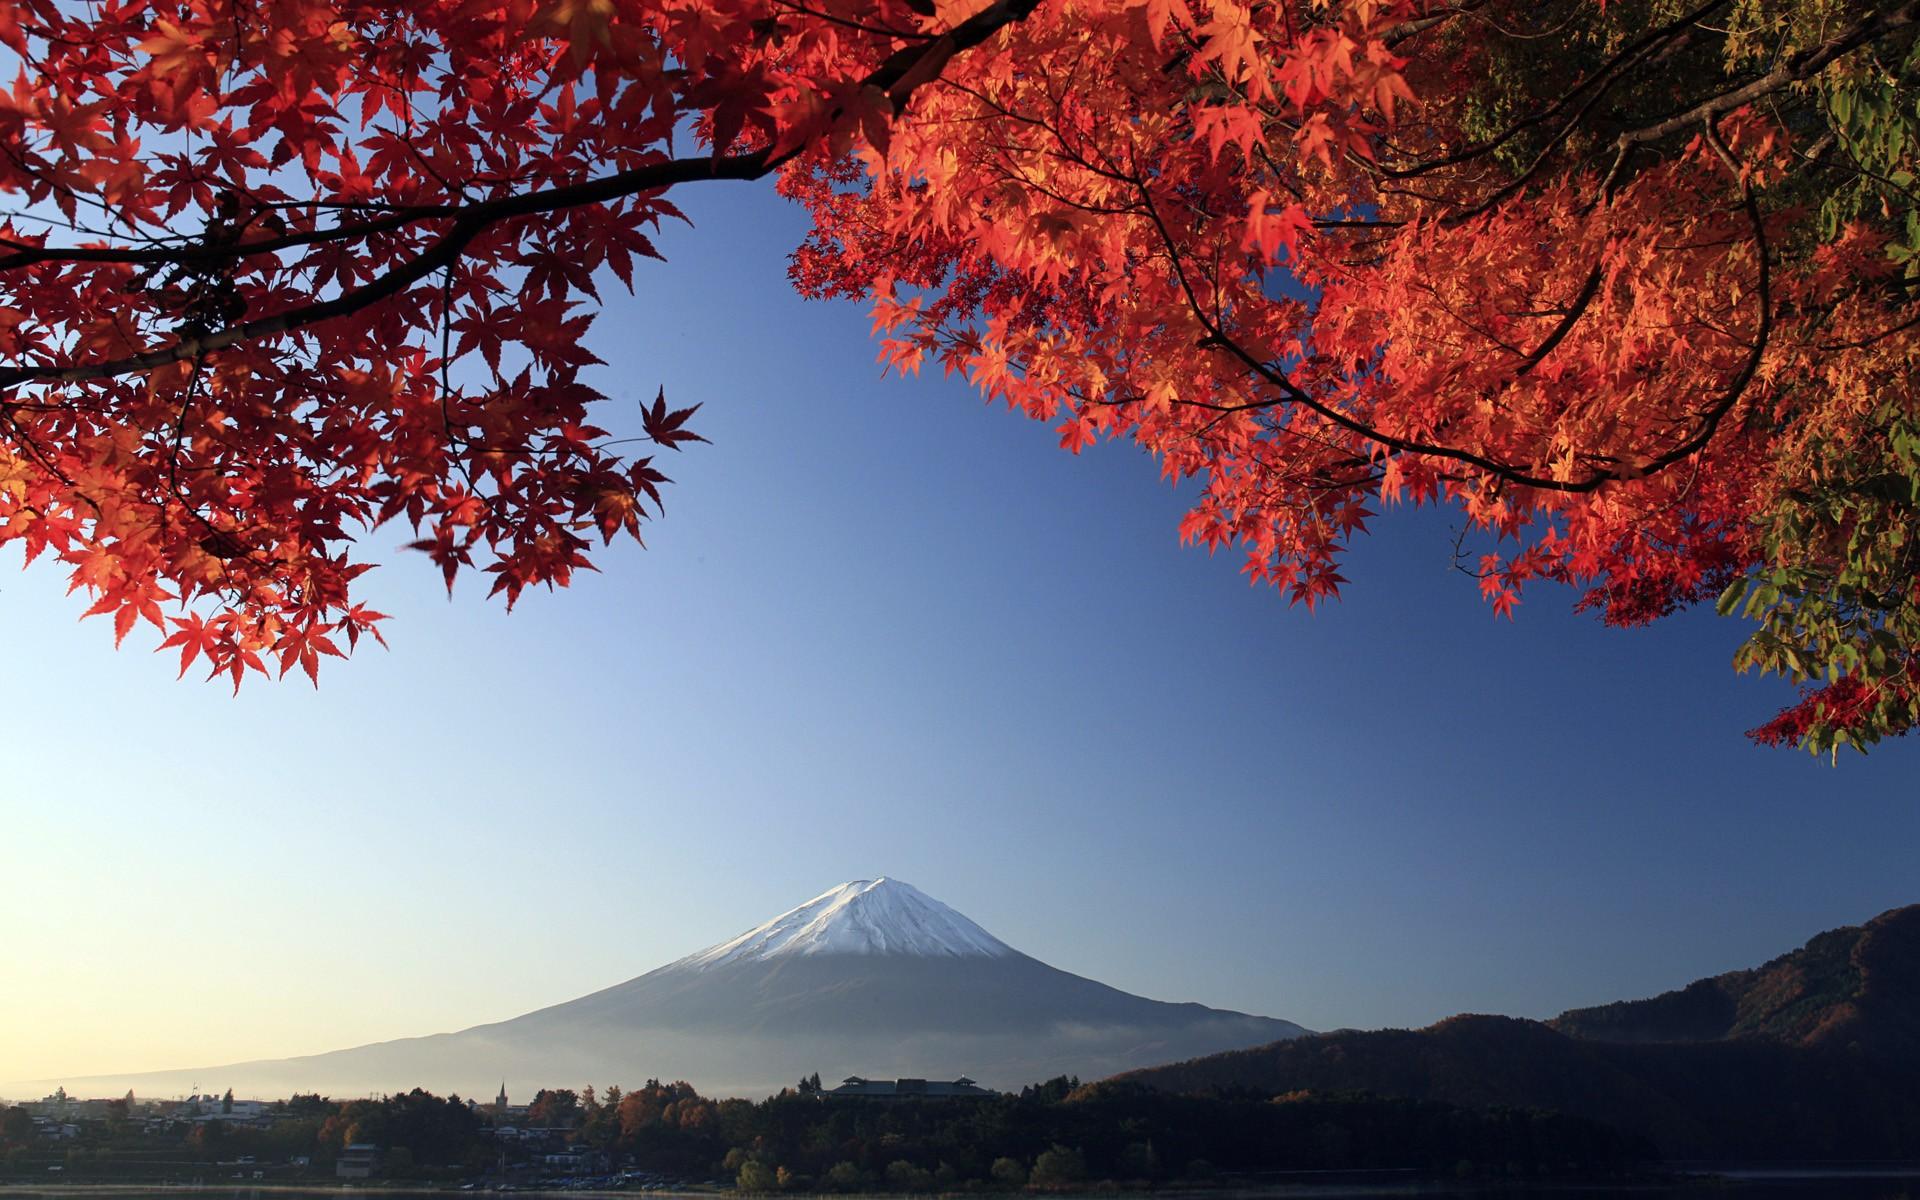 Японский пейзаж с кленом фото